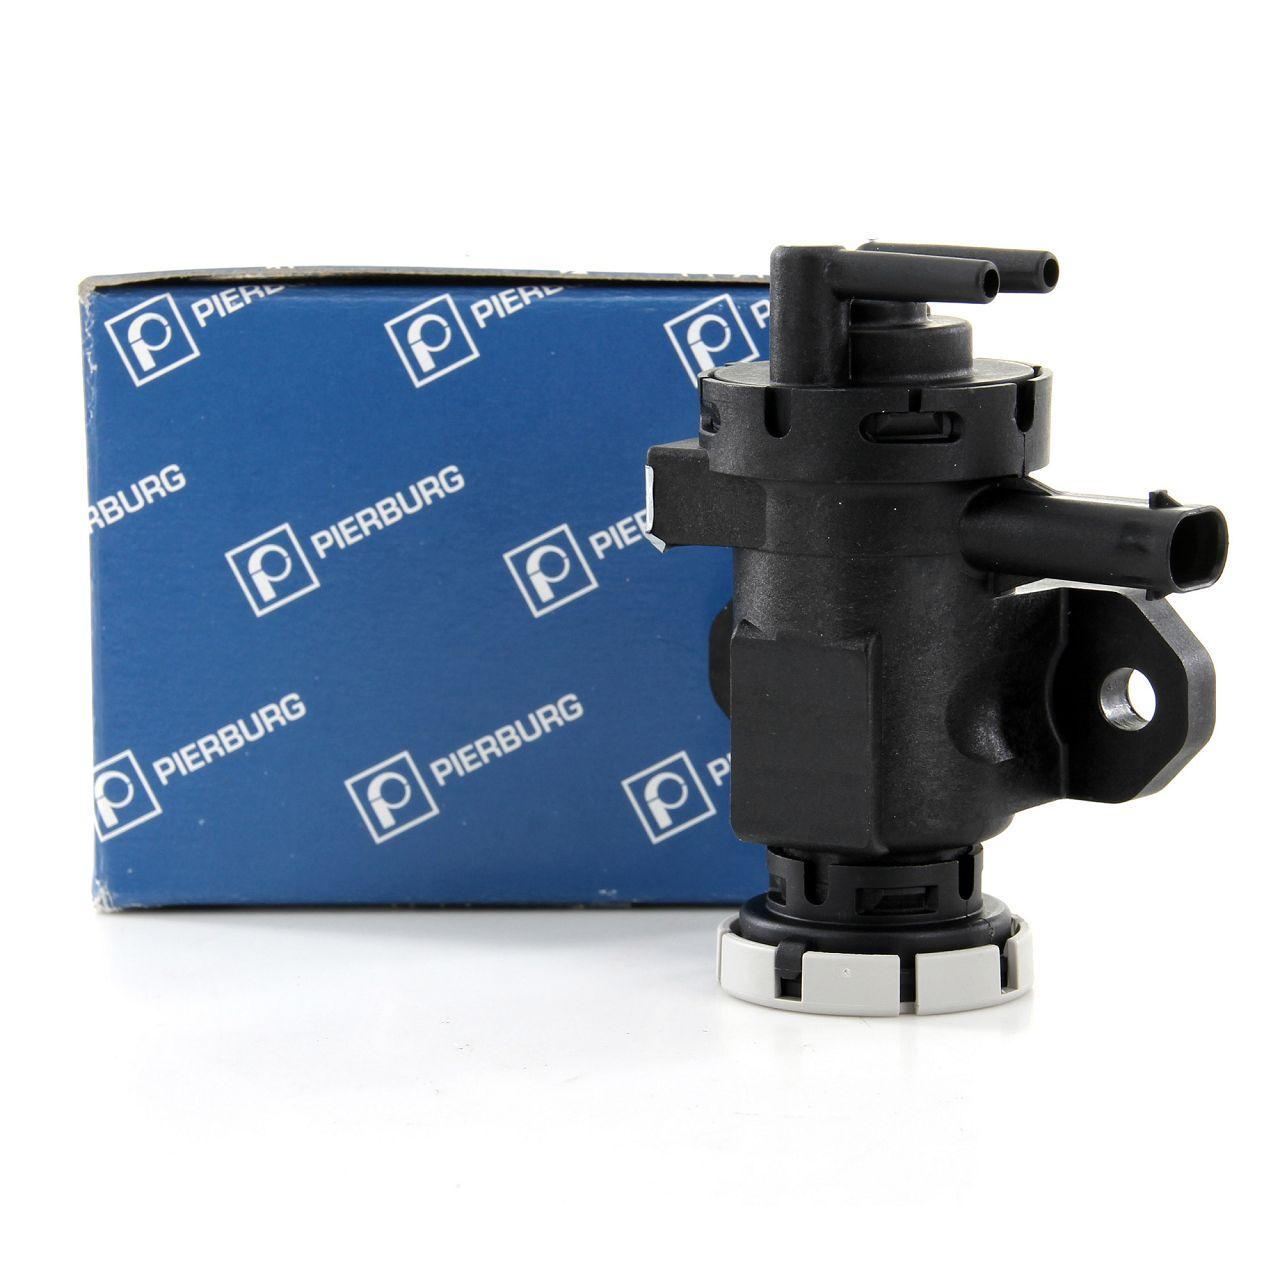 PIERBURG Druckwandler 7.02256.27.0 Magnetventil für Turbolader BMW 11658509323